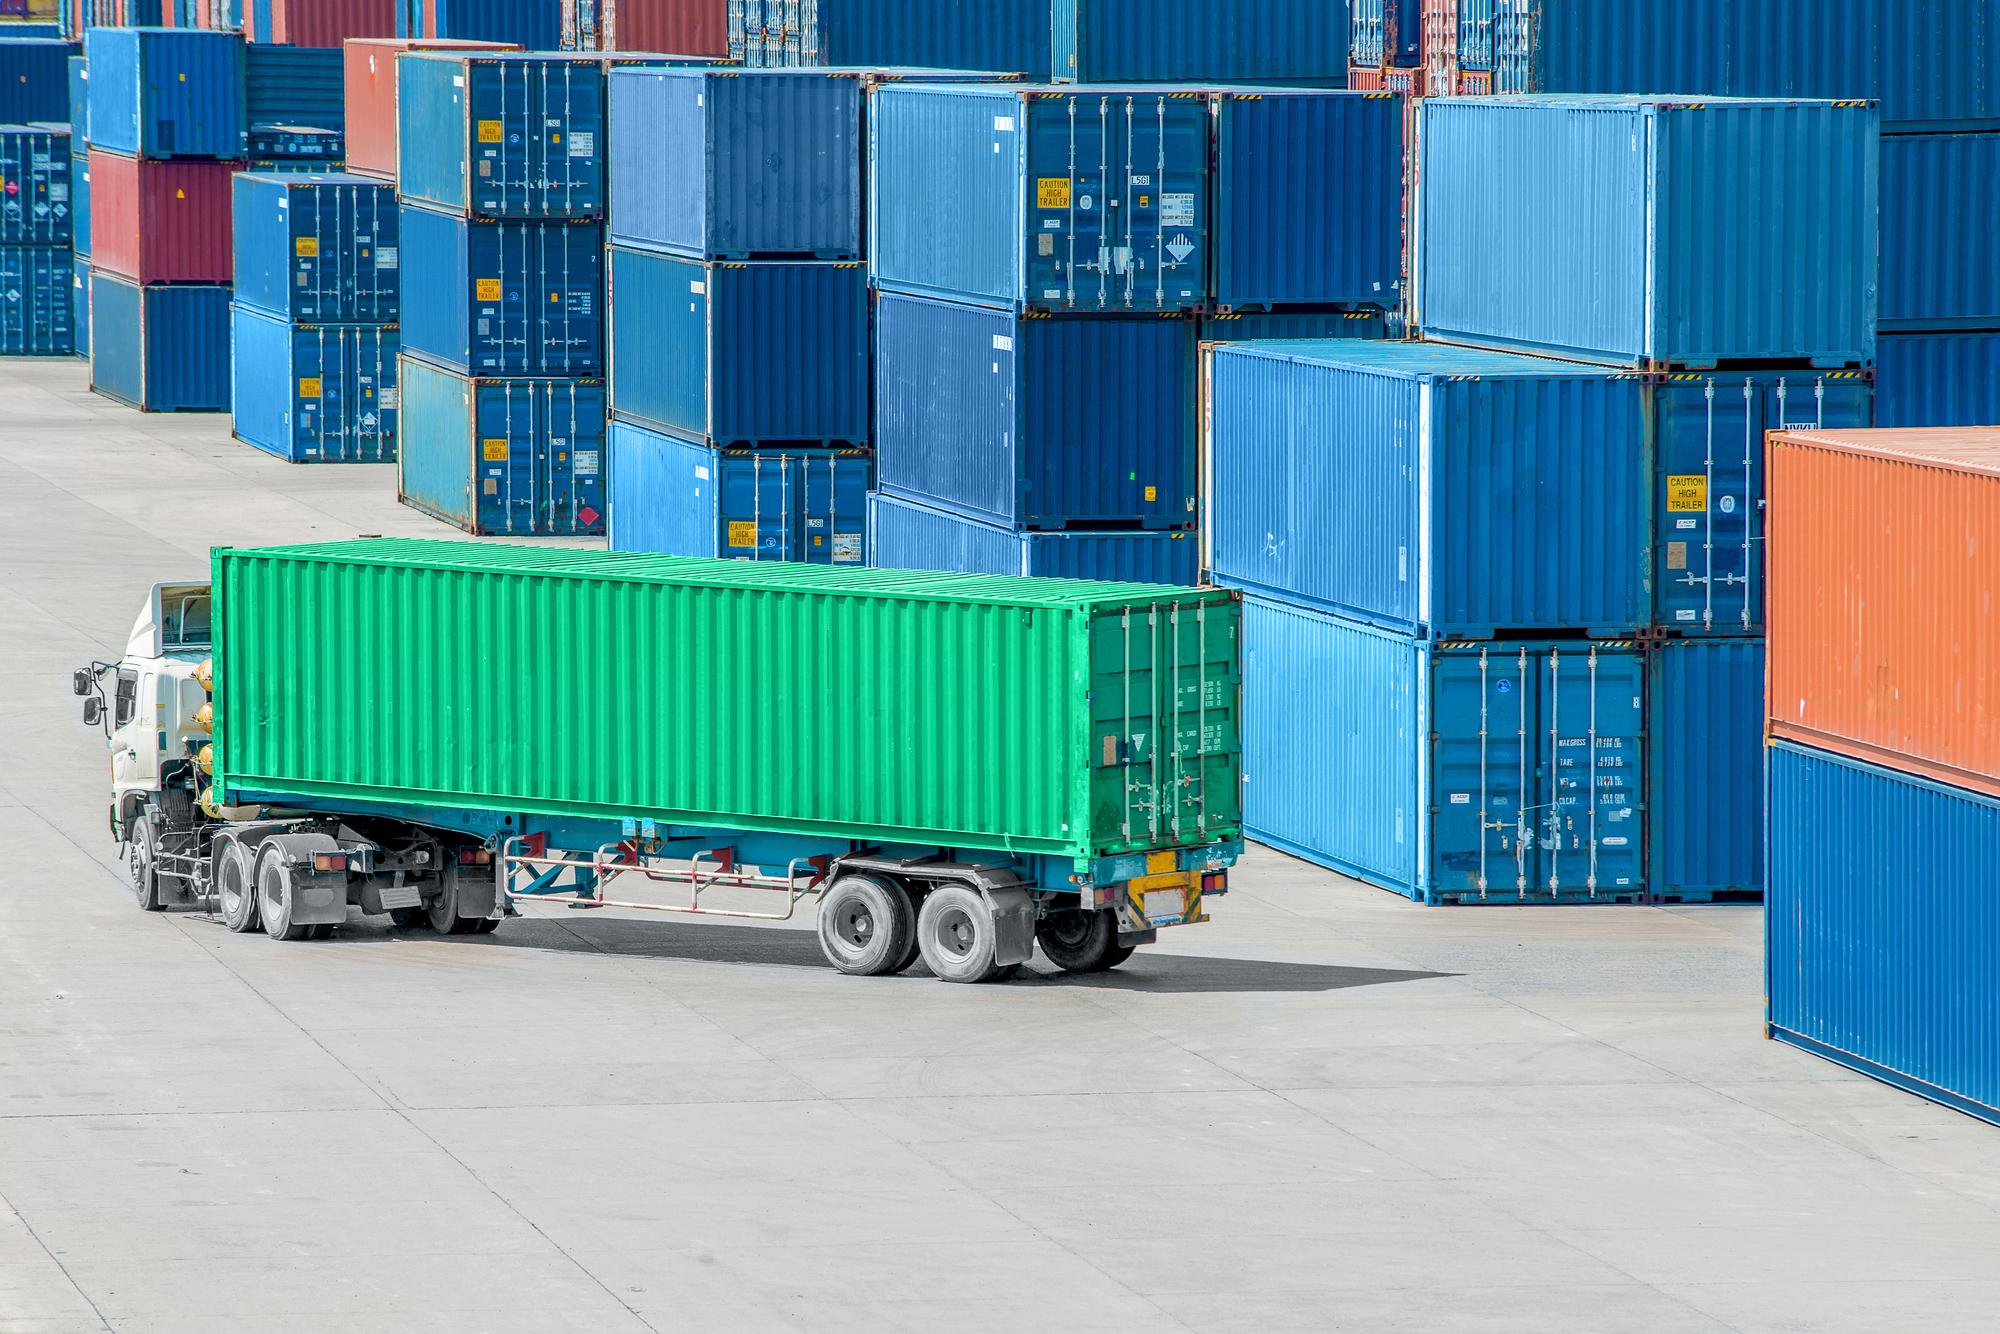 湾岸運送のトラックの写真です。